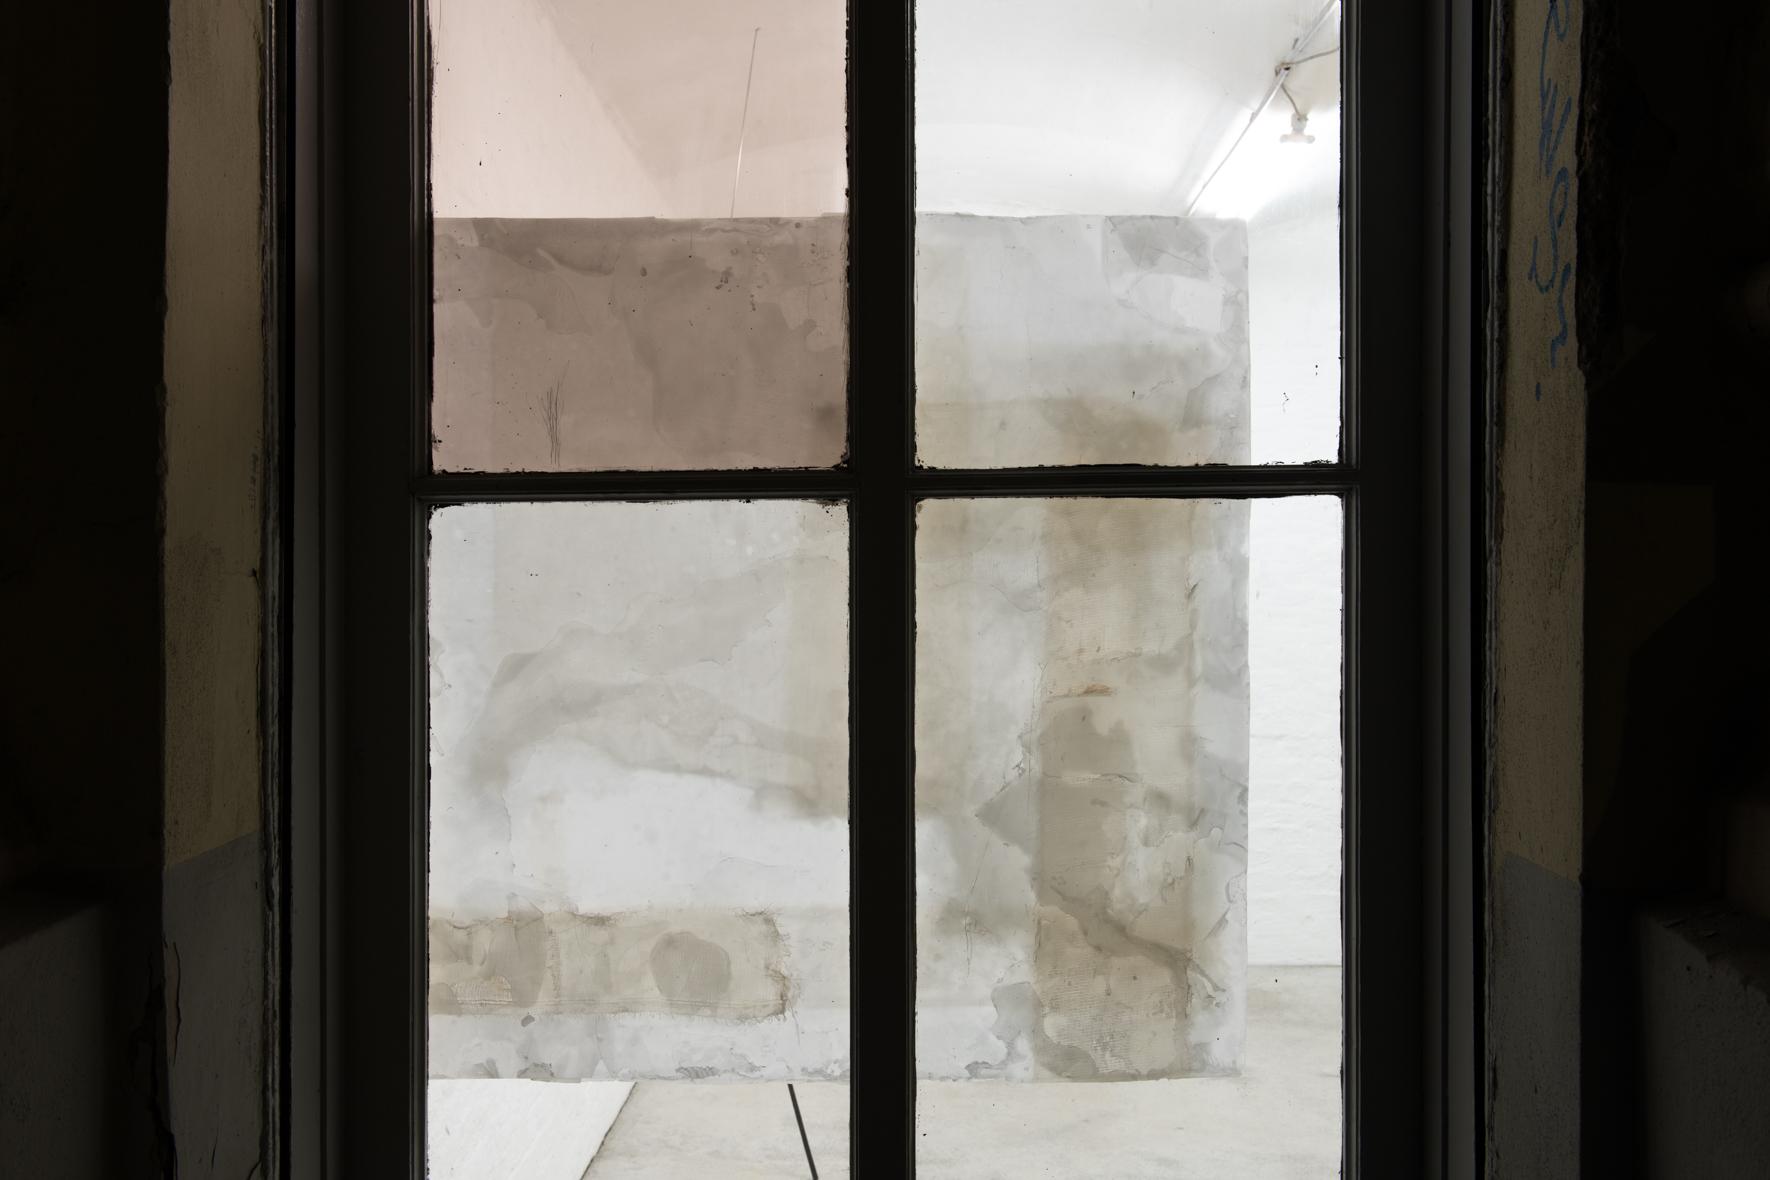 Barbara Hainz, Untitled (Intervention), 2019